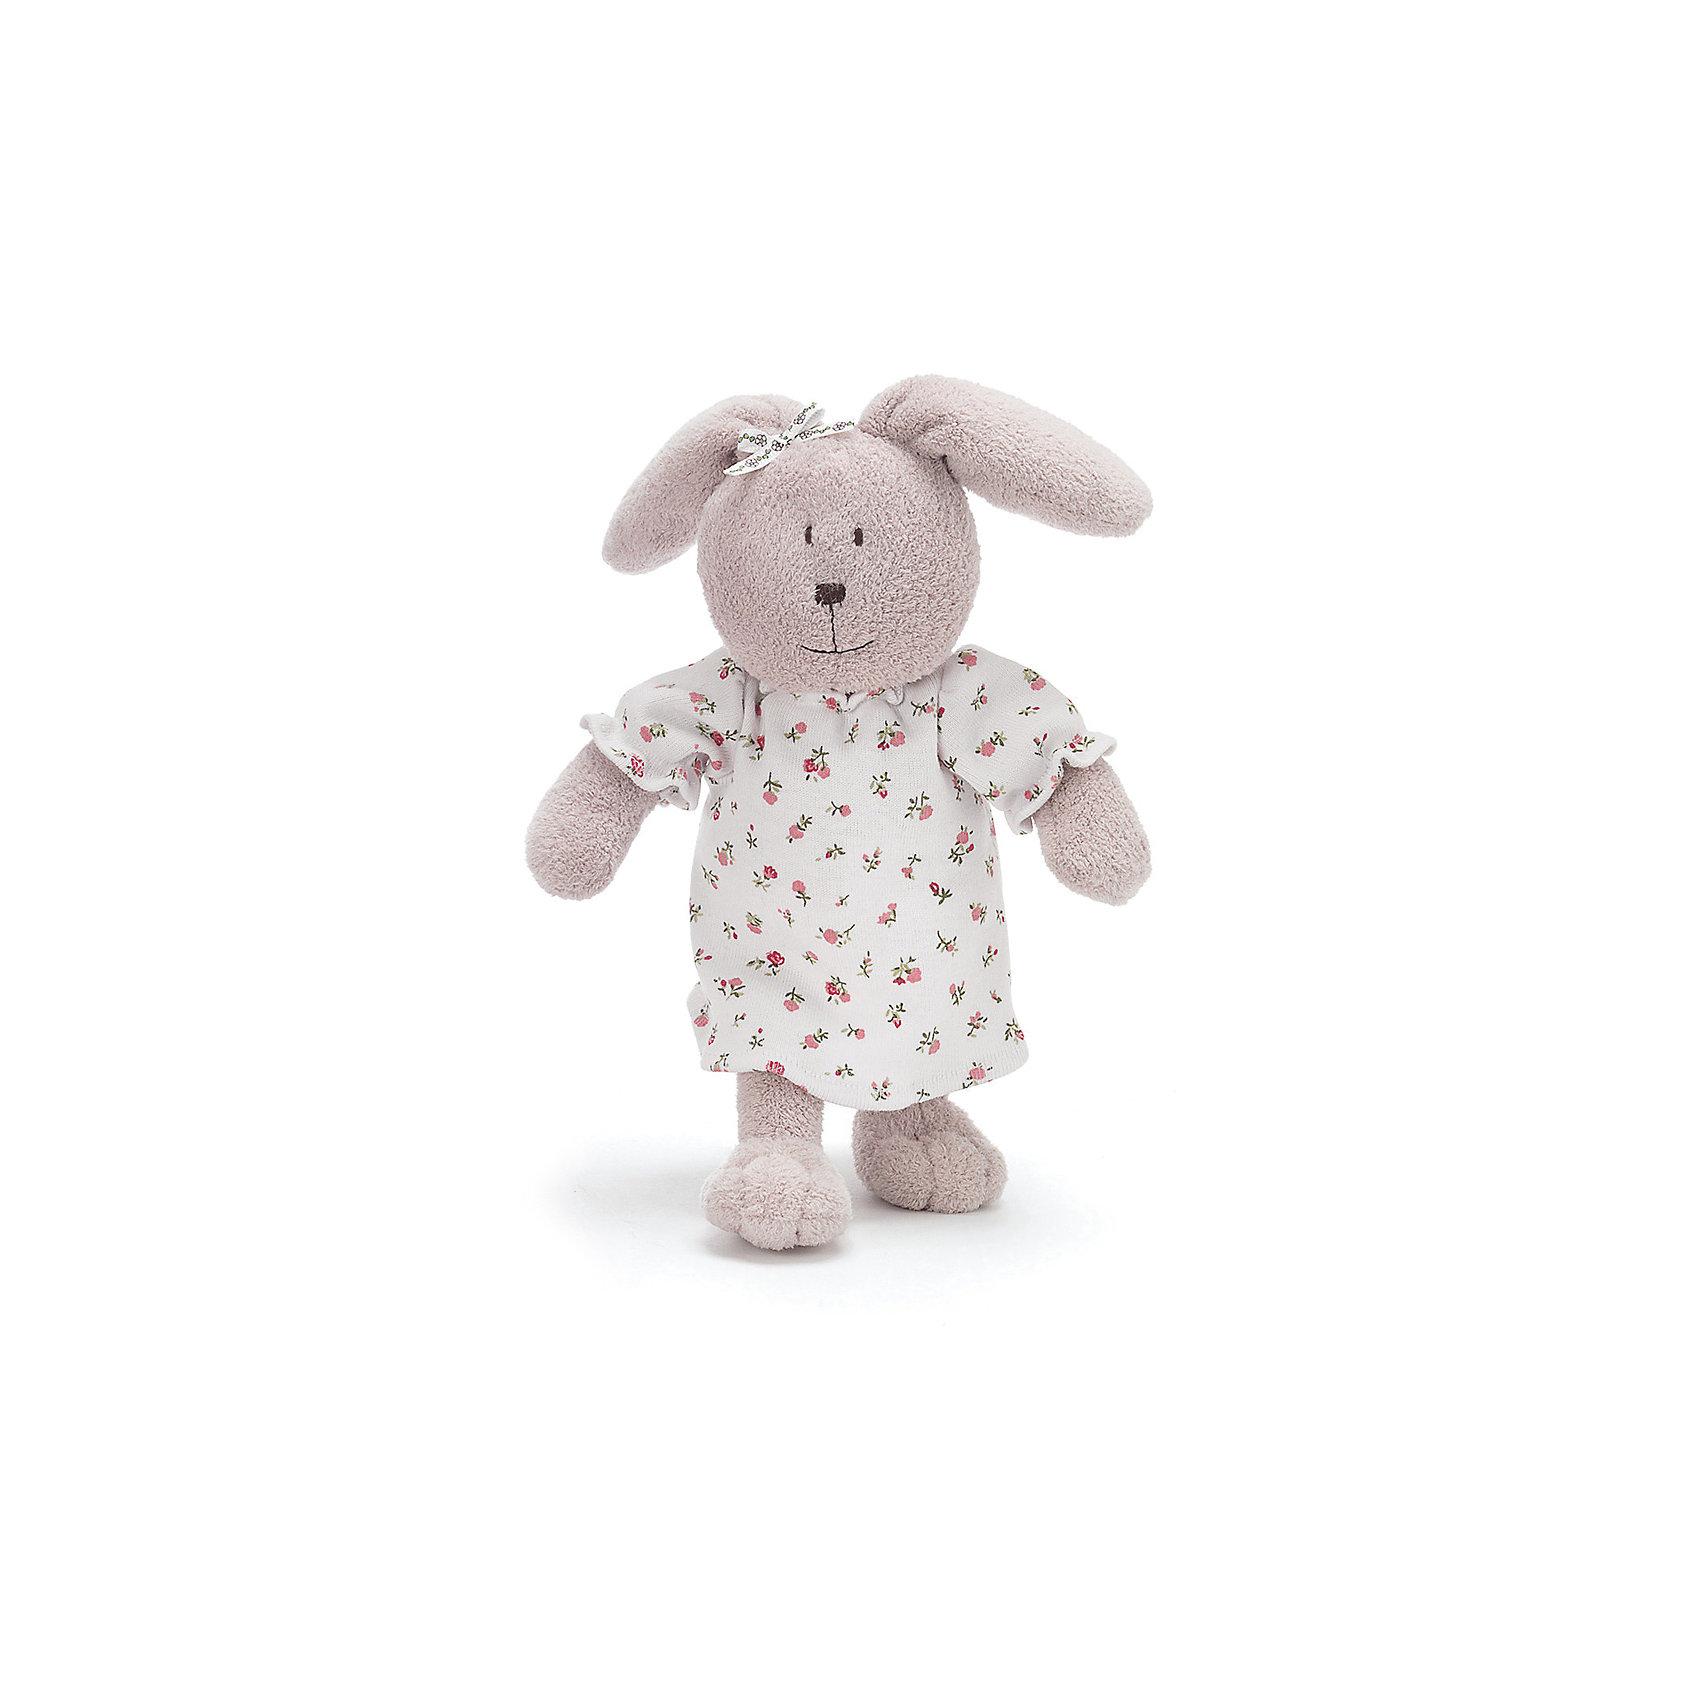 Фанни большая, 41 см, TeddykompanietБольшая мягкая игрушка Крольчиха Фанни Teddykompaniet предназначена  для маленькой девочки, которой необходима игрушка для сна. Очень стильная нежная мягкая игрушка – мама кролик подарит тепло и уют вашему ребенку.<br><br>Текстильная игрушка Крольчиха Фанни одета в ночную рубашку и уже готова пойти спать. Высококачественные материалы, из которых изготовлена мягкая игрушка Крольчиха Фанни, обеспечат  безопасность при общении с малышом. <br><br>Цвет крольчихи – серый. Лицо вышито нитками, что является дополнительным удобством, а также обеспечит безопасность игрушки, например, для совсем маленьких детей.<br>Белая ночная рубашка в мелкий цветочек – съемная.<br>Пикантный бантик на ушке мягкой игрушки.     <br><br>Дополнительная информация:<br><br>Высота: 41 см<br>Рекомендуется ручная стирка при температуре 40°С<br><br>Ширина мм: 410<br>Глубина мм: 410<br>Высота мм: 410<br>Вес г: 400<br>Возраст от месяцев: 12<br>Возраст до месяцев: 1188<br>Пол: Унисекс<br>Возраст: Детский<br>SKU: 2489722